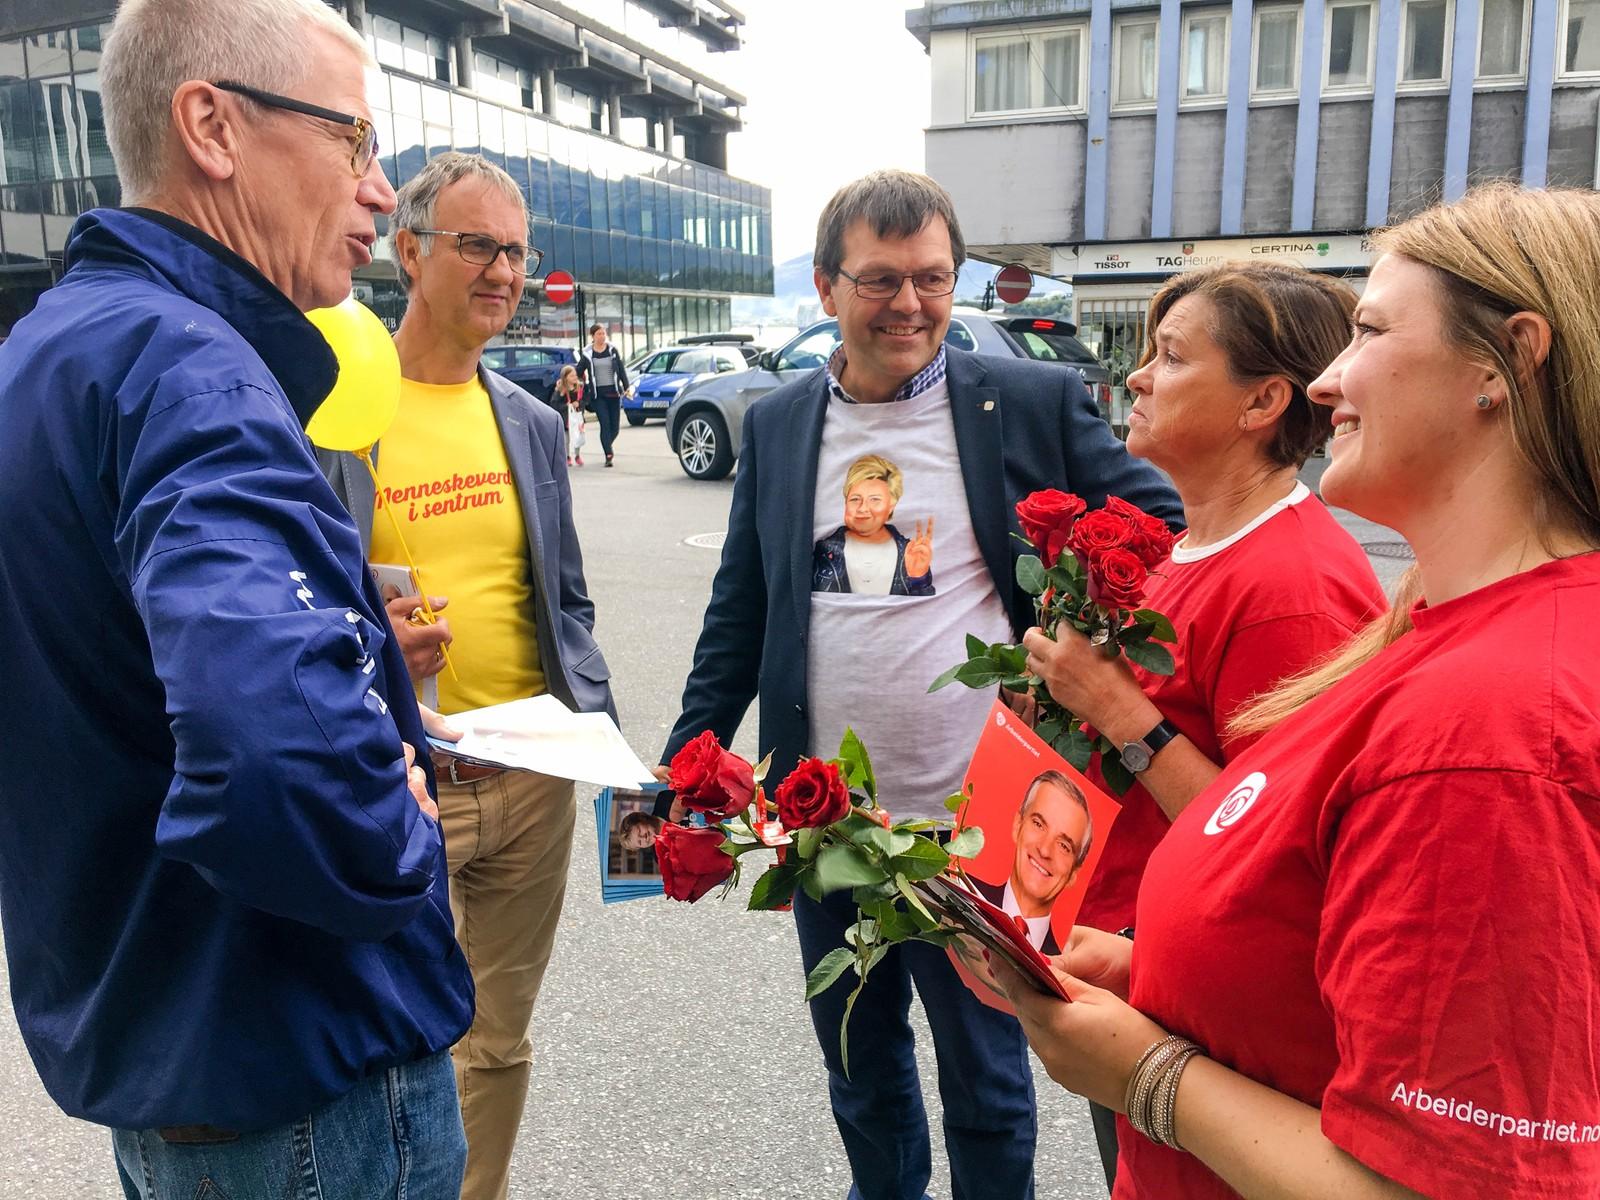 Det var ikke bare velgerne som diskuterte, det gjorde også politikerne. Fra venstre: Knut Anders Oskarson, bystyrerepresentant (H), Tore Johan Øvstebø, varaordfører (KrF), Edvard Devold, bystyrerepresentant (H), Eva Vinje Aurdal, ordfører, Ålesund (Ap), Camilla Edvardsen, vara Ålesund bystyre (Ap)